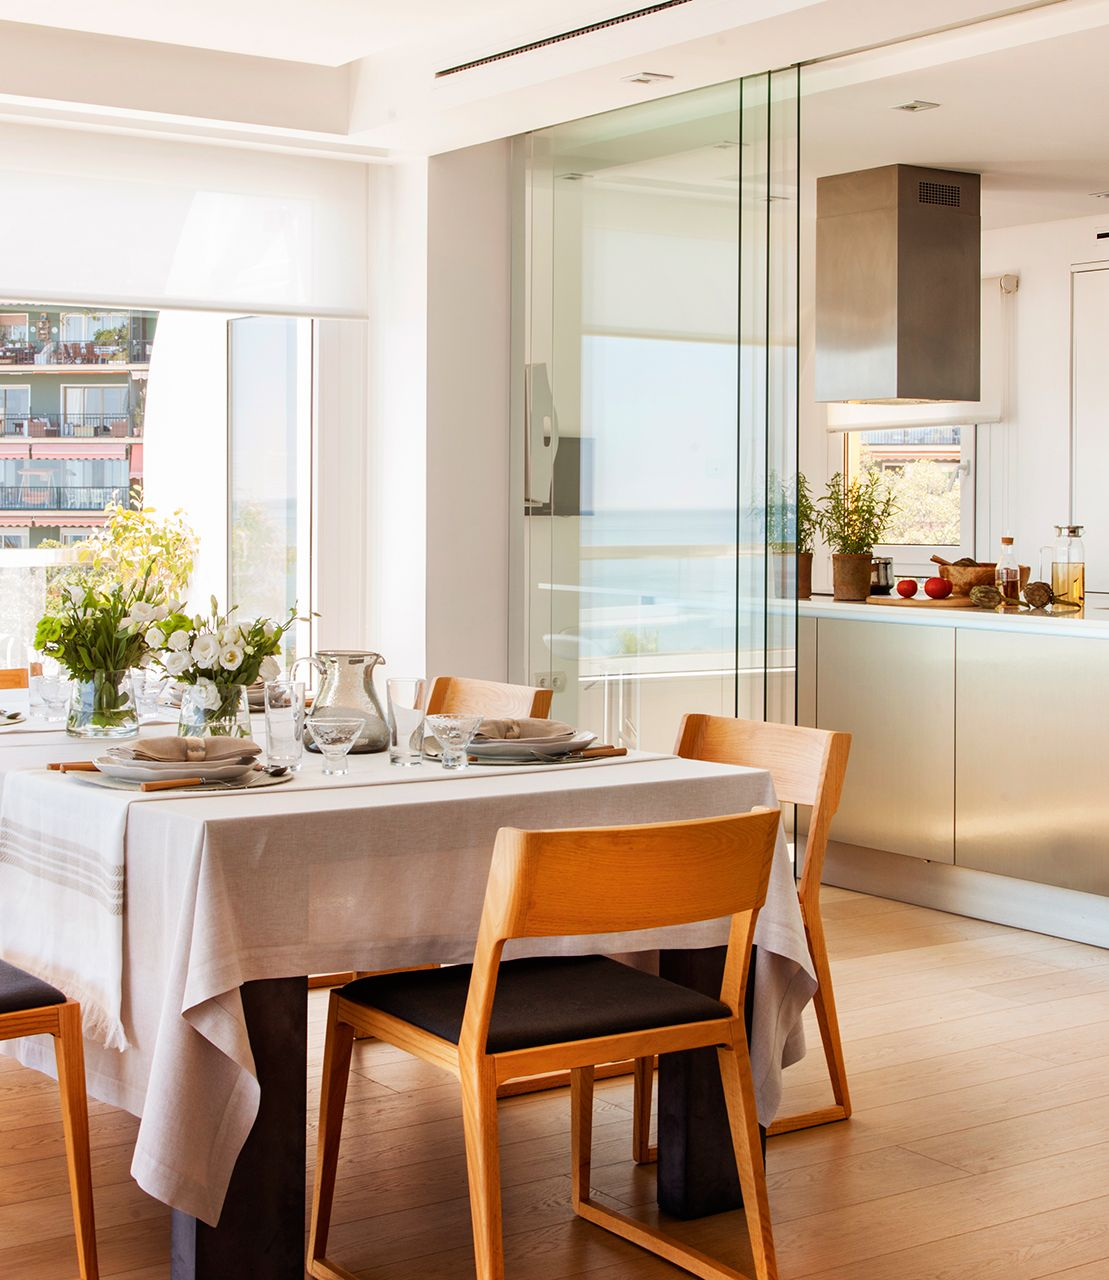 Cocinas abiertas: adiós a la claustrofobia | Puertas correderas de ...